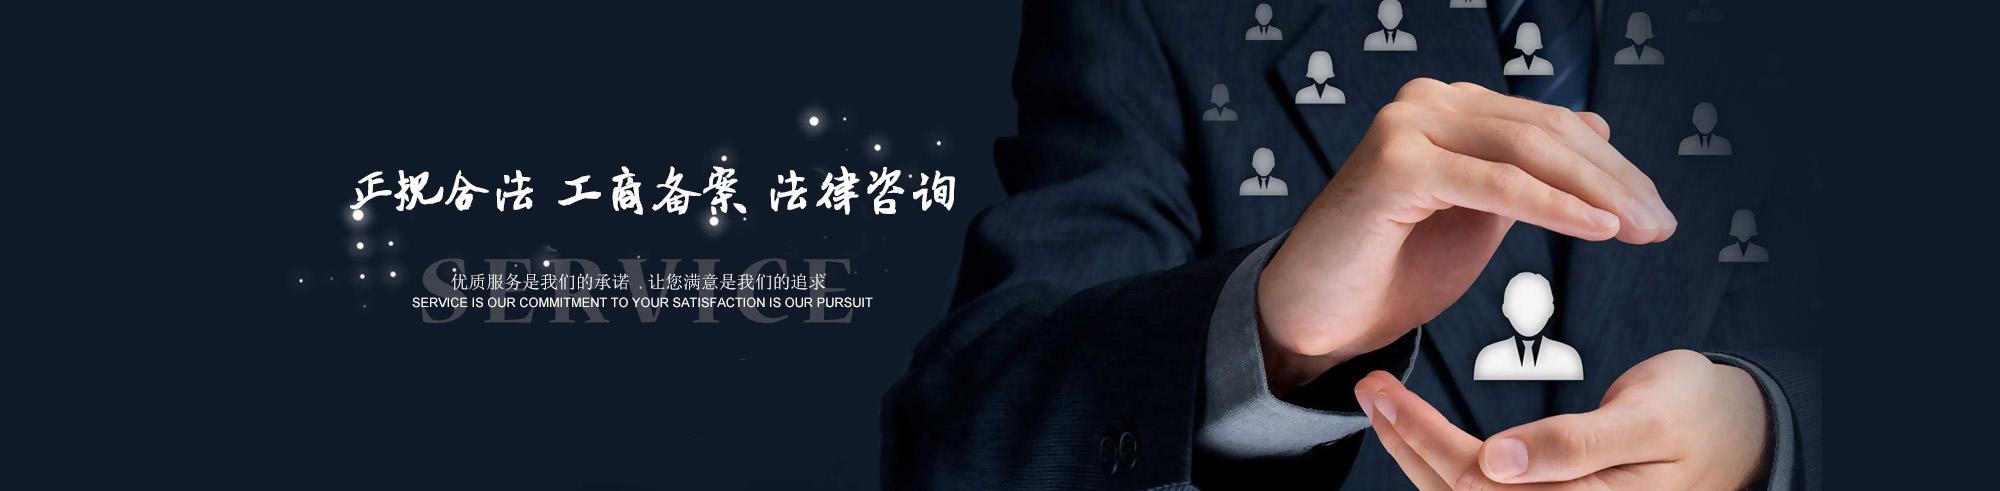 蘇州清債公司